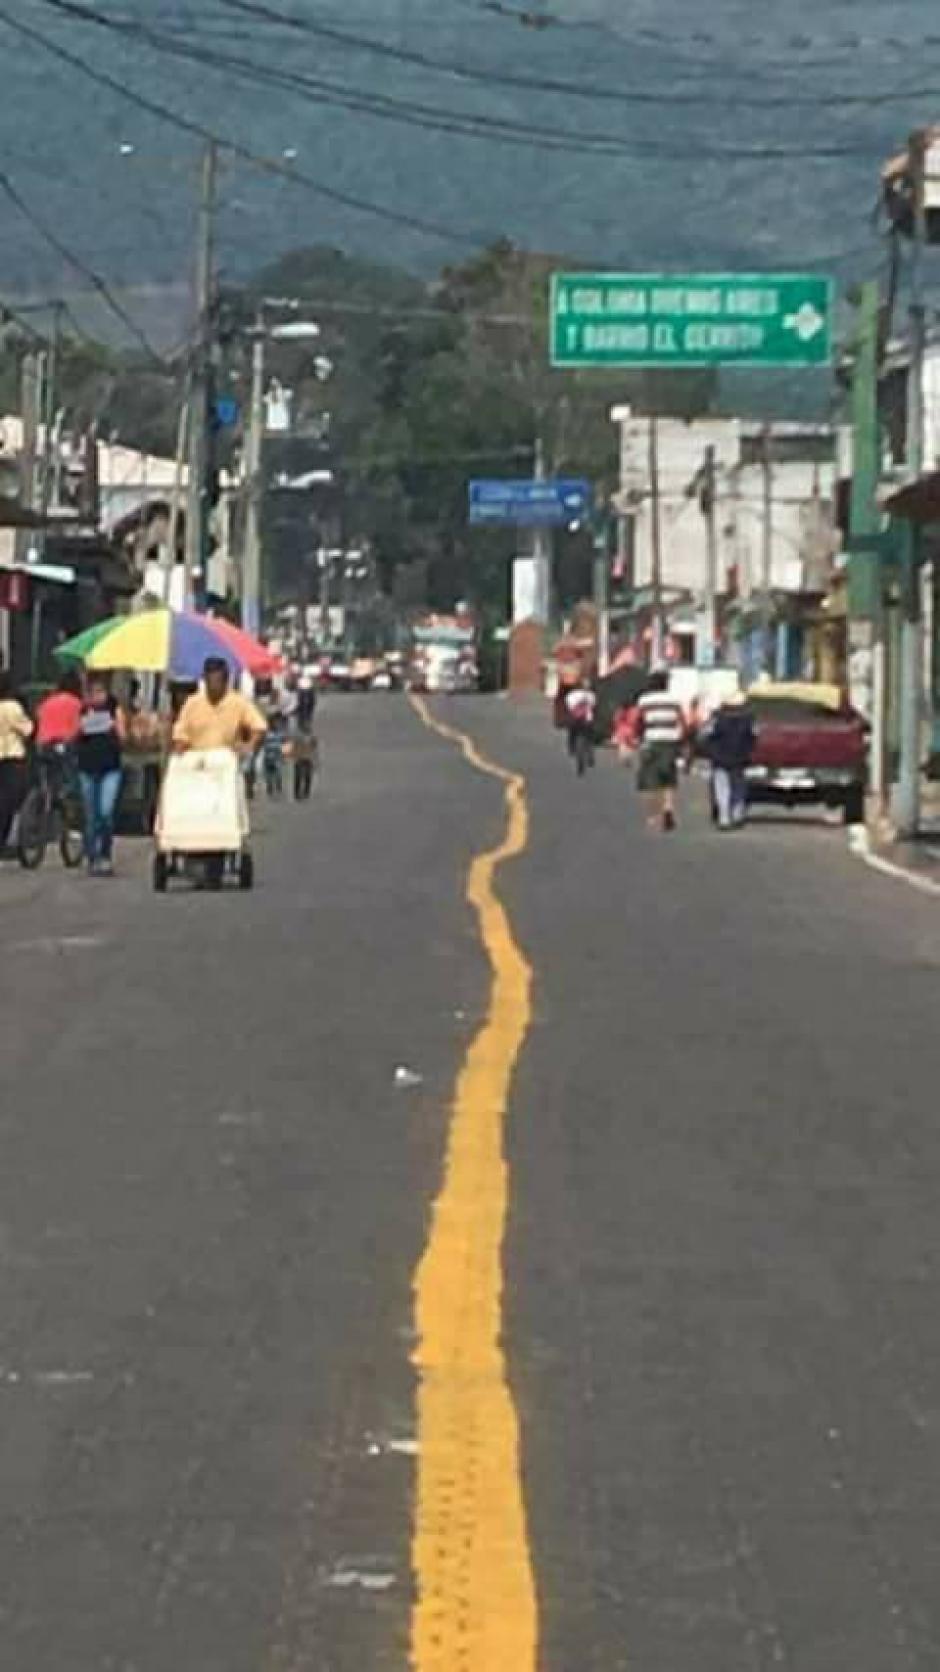 Así luce la línea de señalización en la calle principal de San Miguel Dueñas, Sacatepéquez. (Foto: Malparqueados GT)